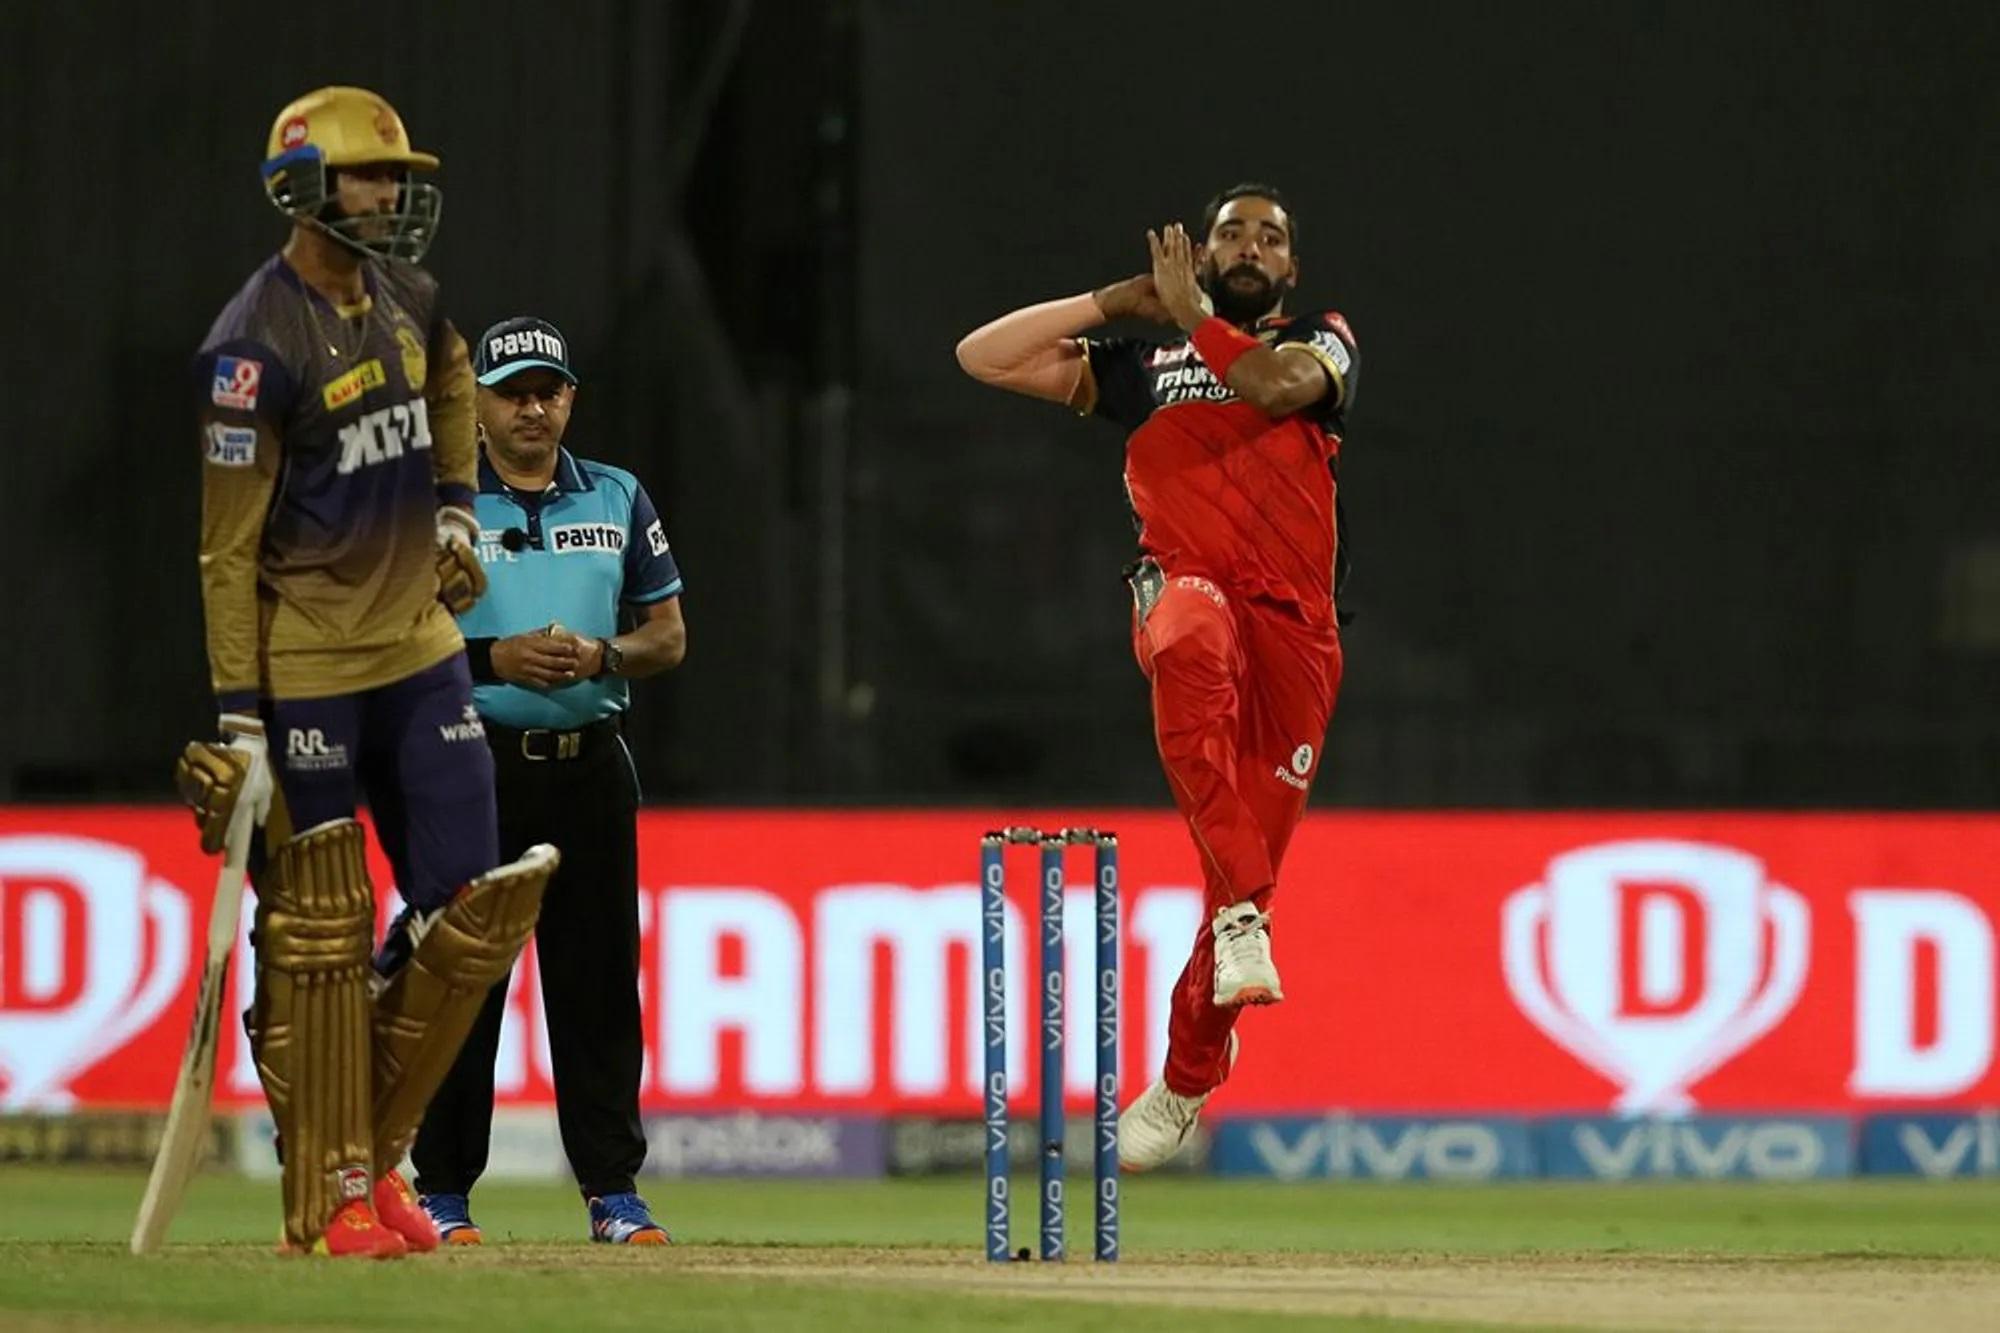 कोहली के लिए ताकत लगा रहे खिलाड़ियों में विराट के विश्वनीय गेंदबाज मोहम्मद सिराज भी शामिल थे। उन्होंने भी इस मैच में 4 ओवर की बॉलिंग में सिर्फ 19 रन दिए और 2 विकेट झटके। इन तीनों गेंदबाजों ने मिलकर मैच को किसी तरह कोहली की झोली में लाने की तैयारी कर ली थी, लेकिन वो कहते हैं न कि किस्मत भी कोई चीज होती है। अगली तस्वीर उस बात को और ज्यादा पुख्ता करती नजर आएगी।